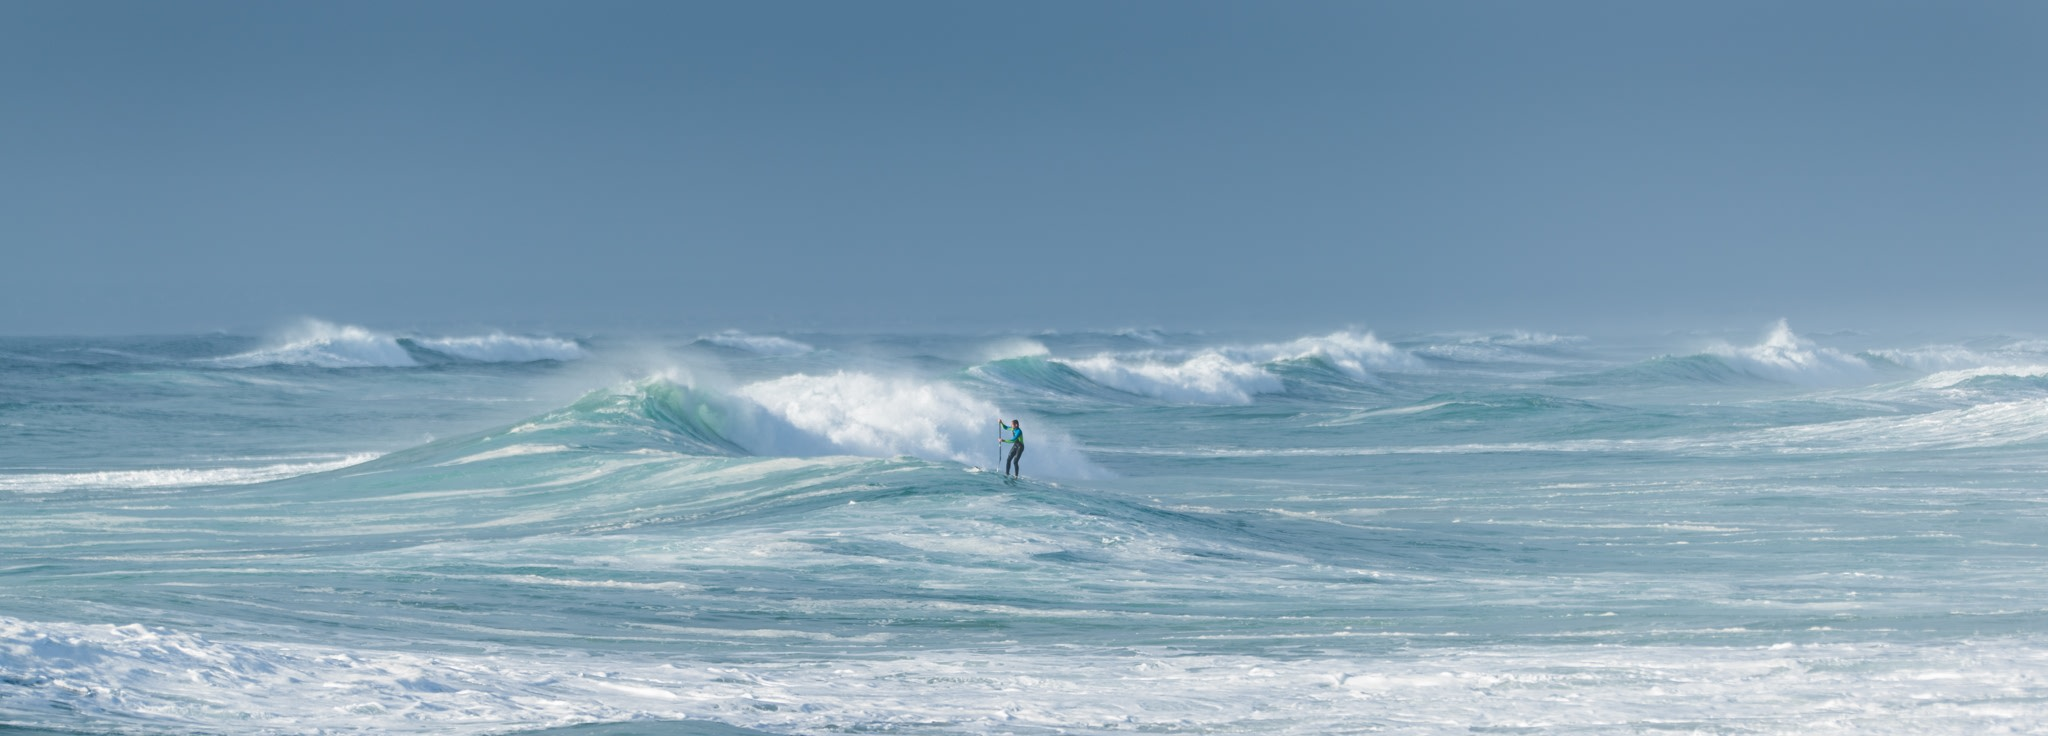 Photographie maritime DSC_1560